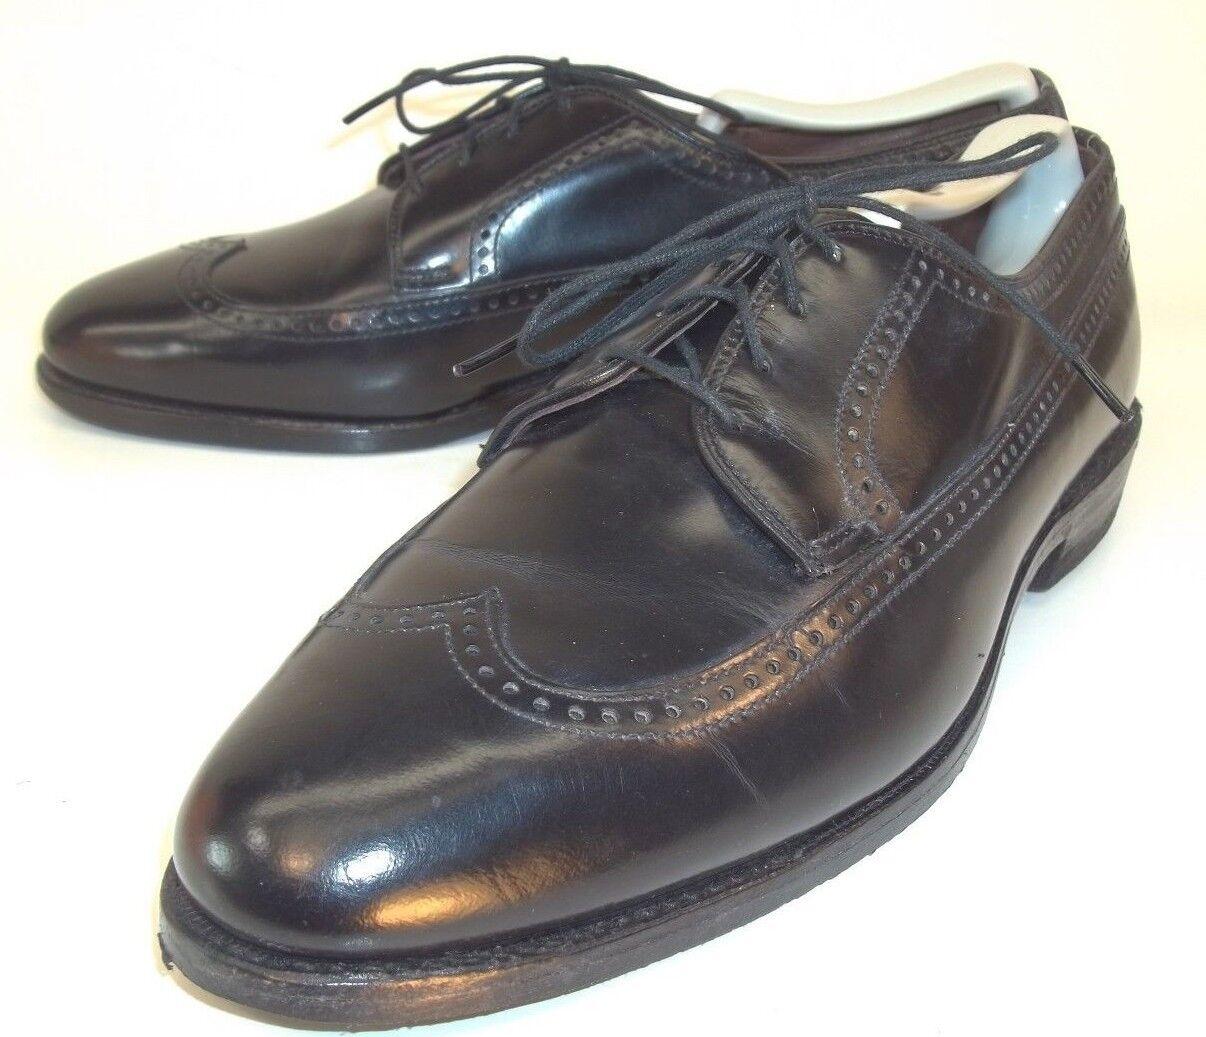 Allen Edmonds Homme Chaussures Derbies RICHMOND US 8.5 C Noir en Cuir Bout D'Aile 989